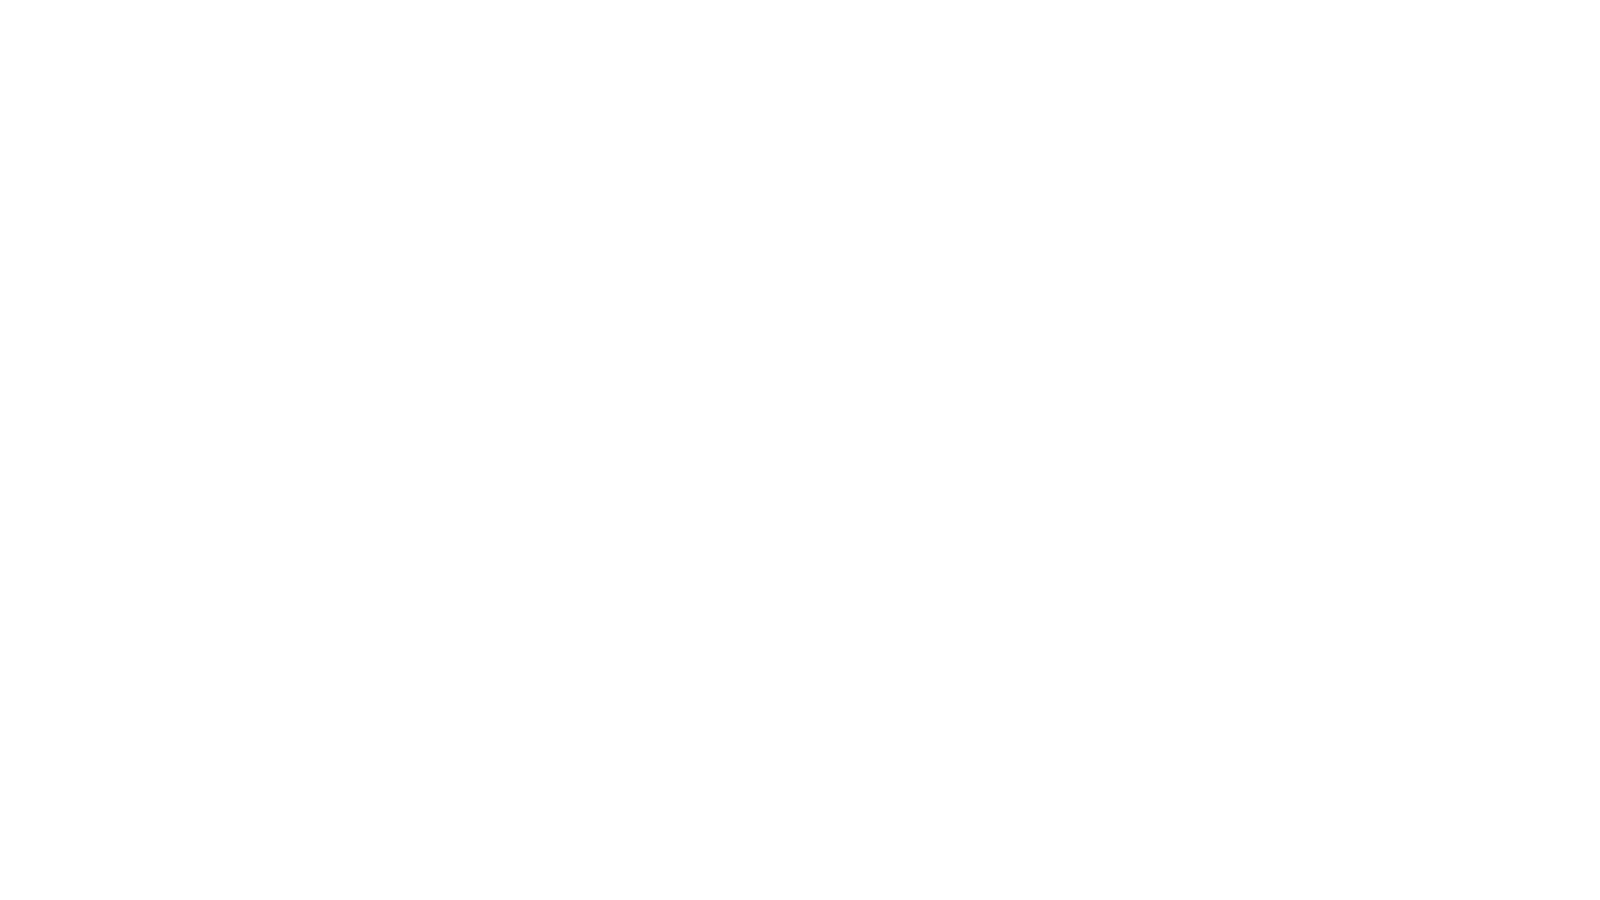 Livestream des Gottesdienstes zum Ewigkeitssonntag aus der Ev. Kirche Winningen. Gesungen wird von einzelnen Chormitgliedern, die im entsprechenden Abstand zur Gemeinde sitzen, der den aktuellen Coronabestimmungen entspricht.